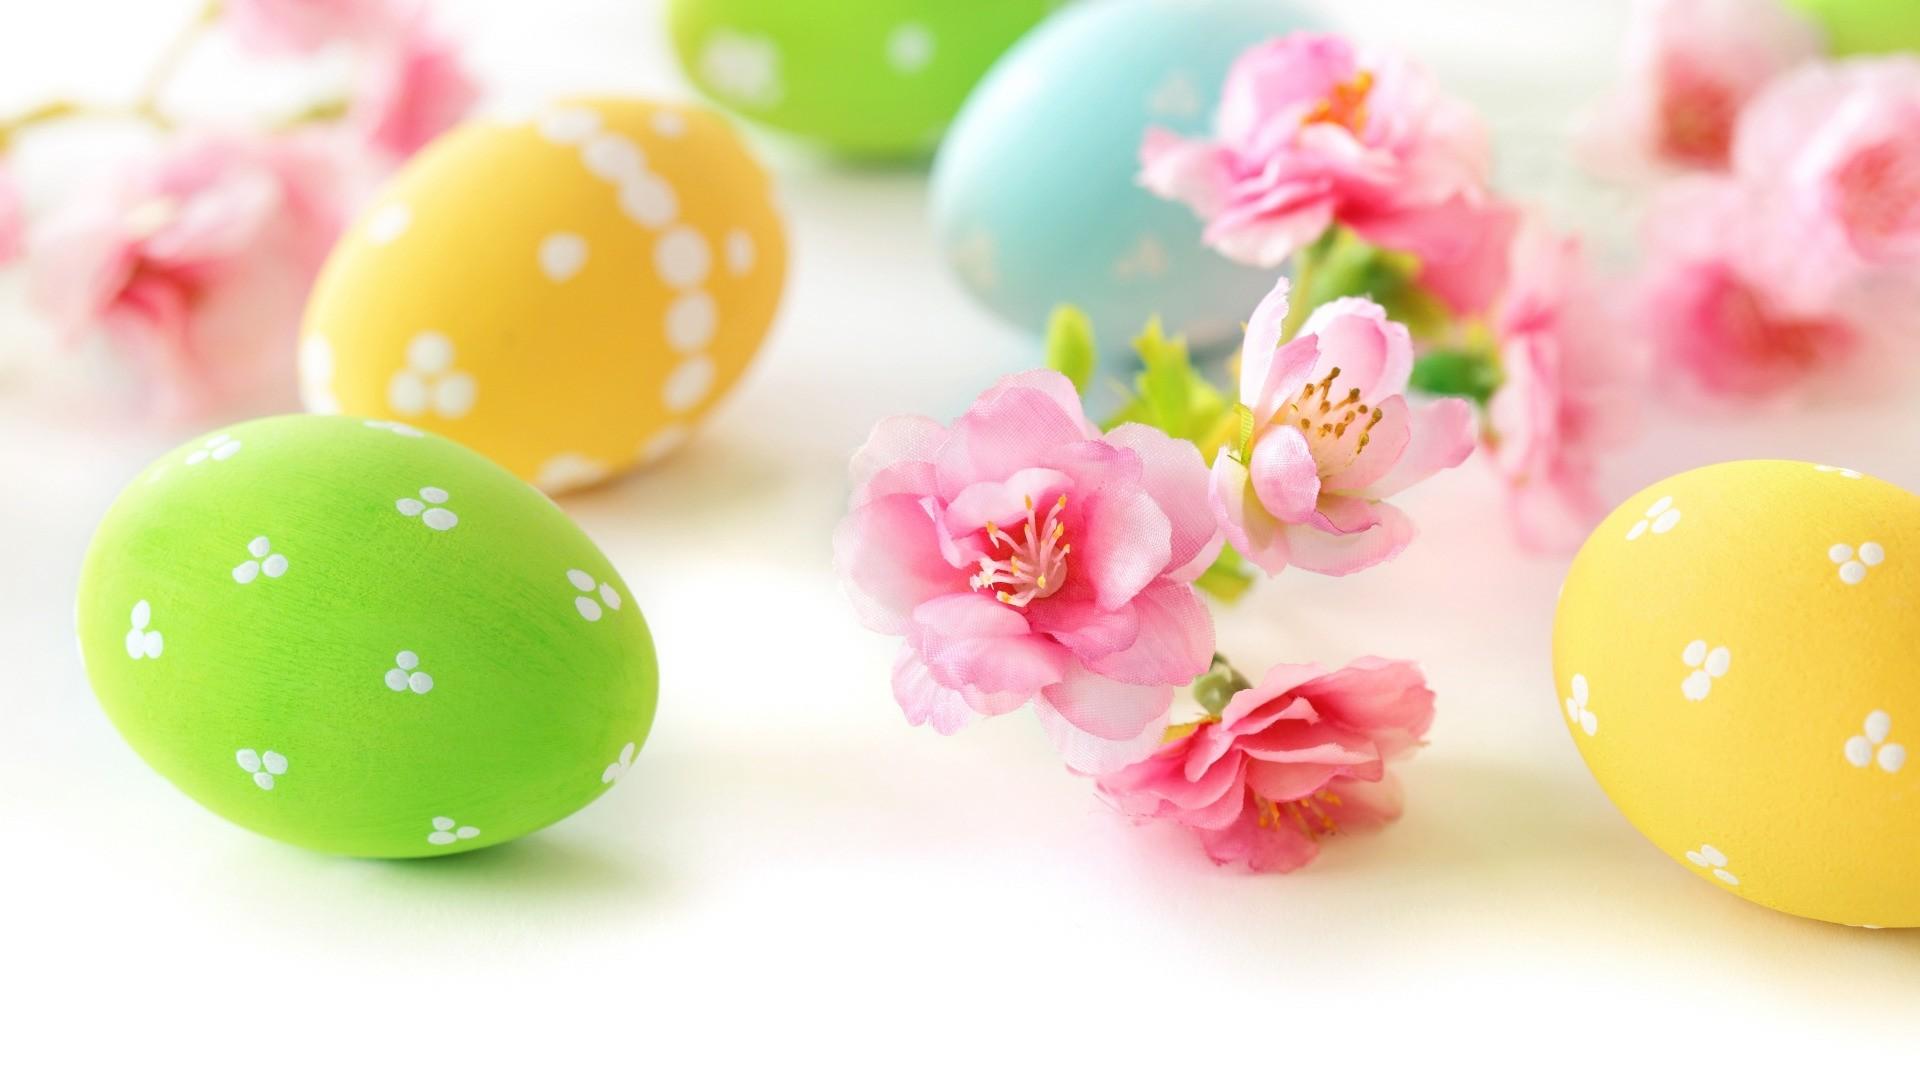 Cute Easter Wallpaper Pic